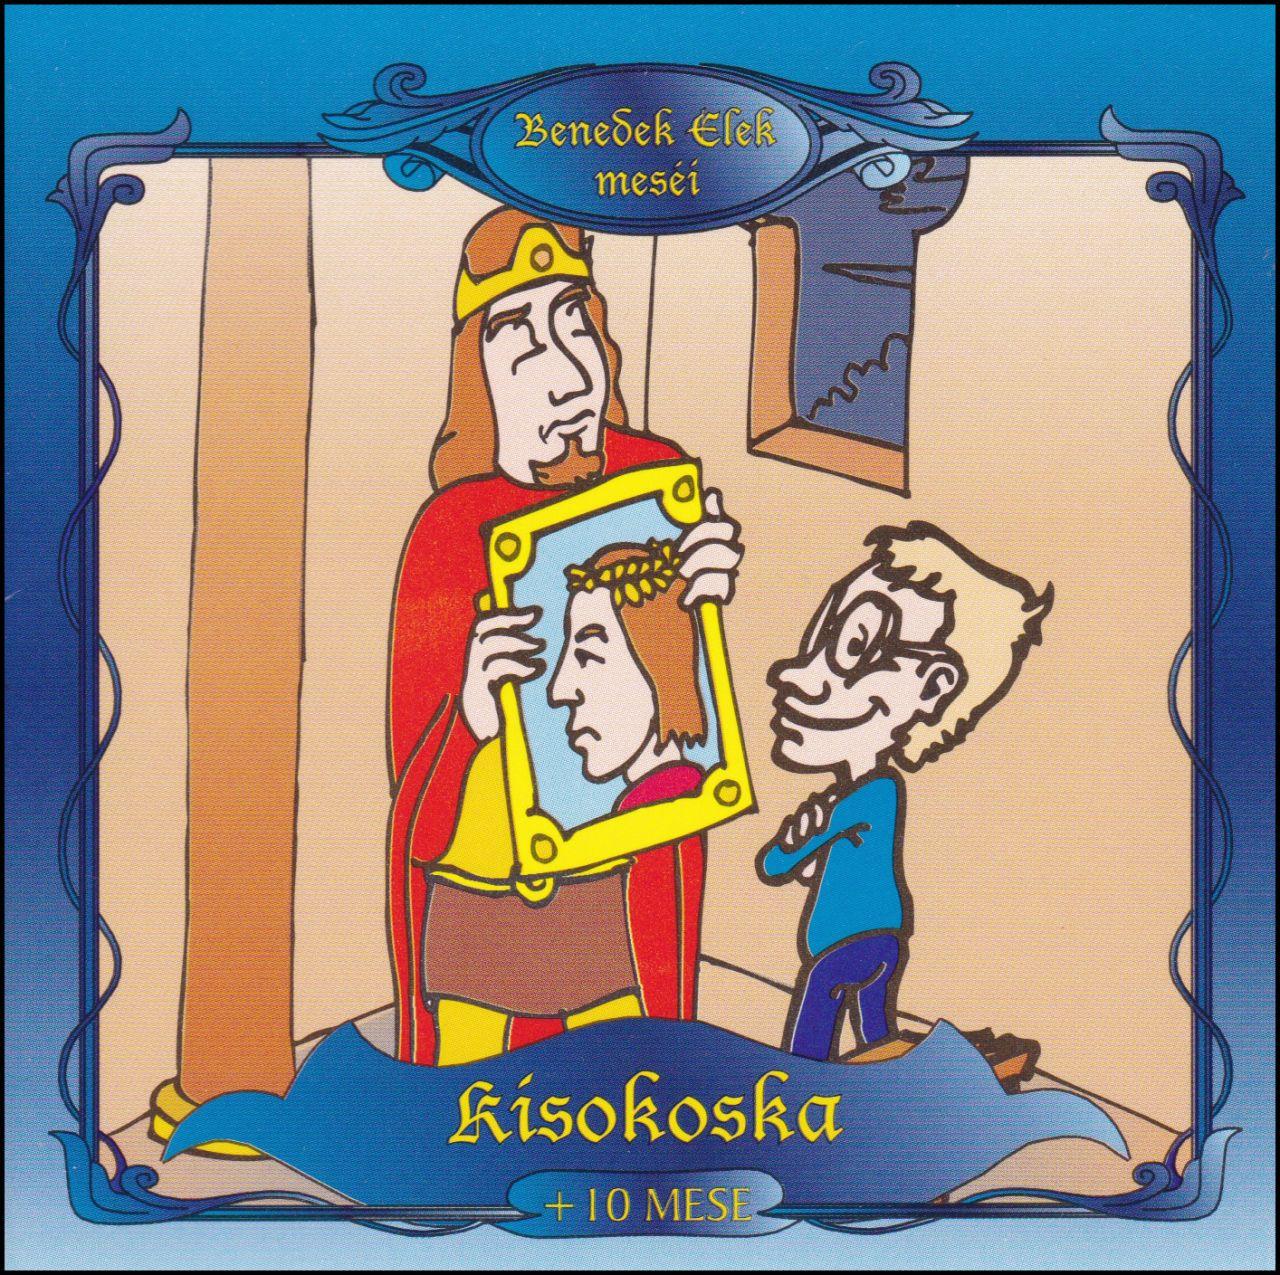 Benedek Elek meséi: Kisokoska (CD)